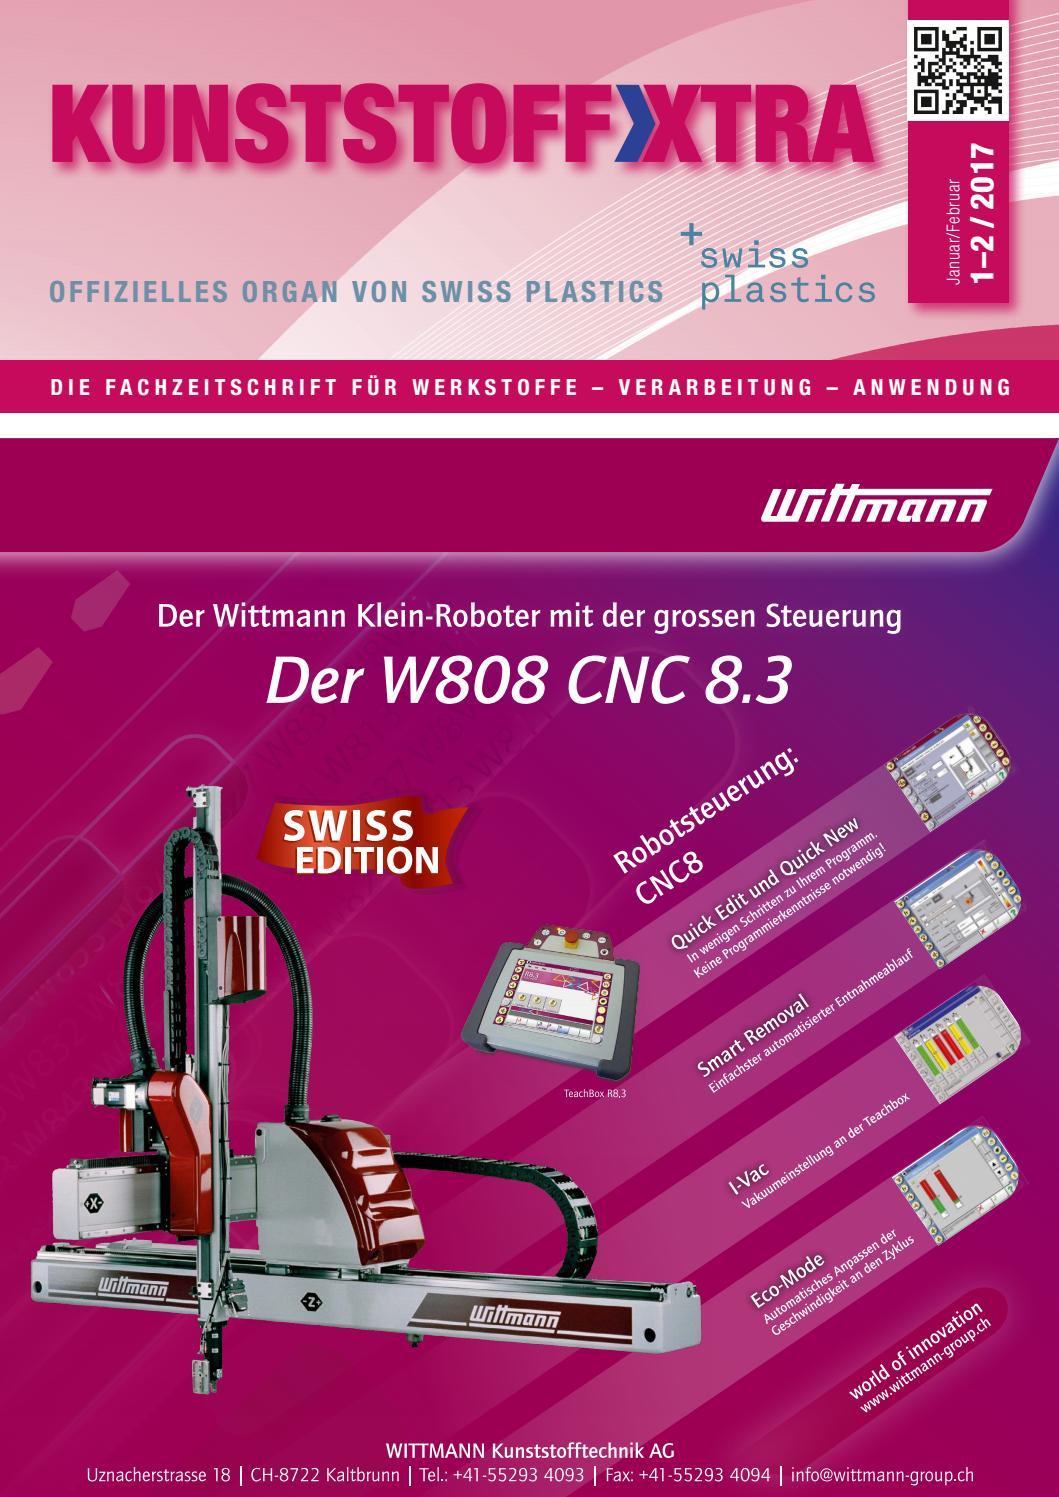 Kunststoffxtra 1 2 2017 by SIGWERB GmbH - issuu